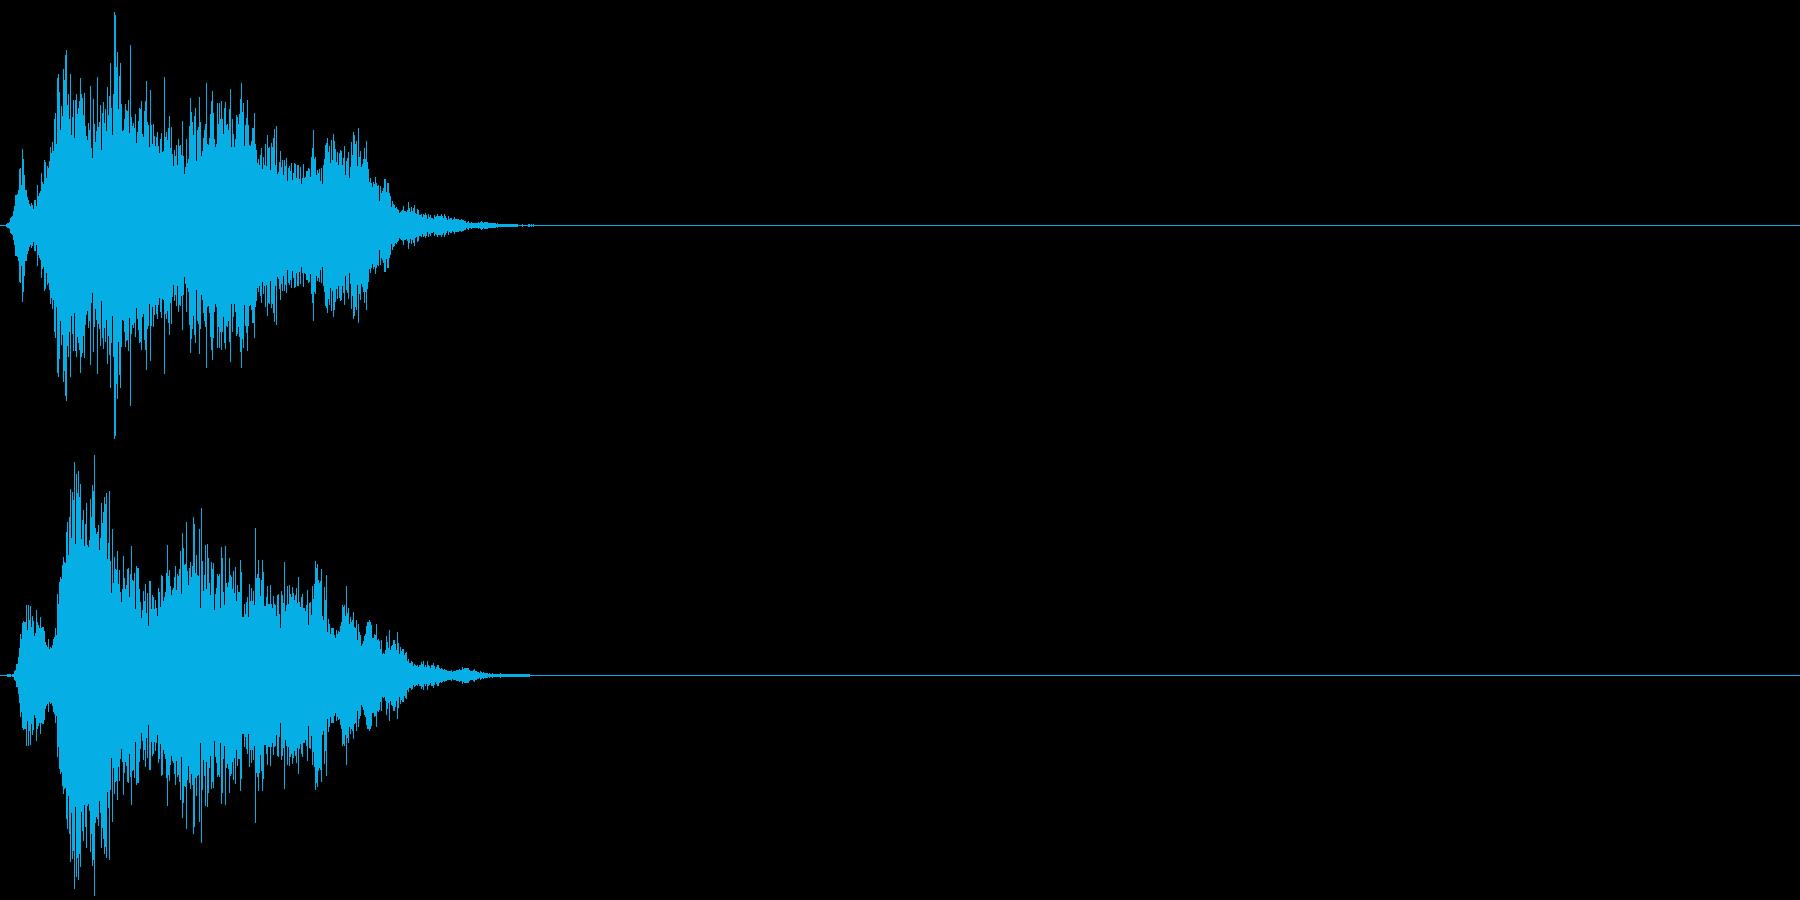 【ゲーム2】刀 ジャキン シャキン 金属の再生済みの波形